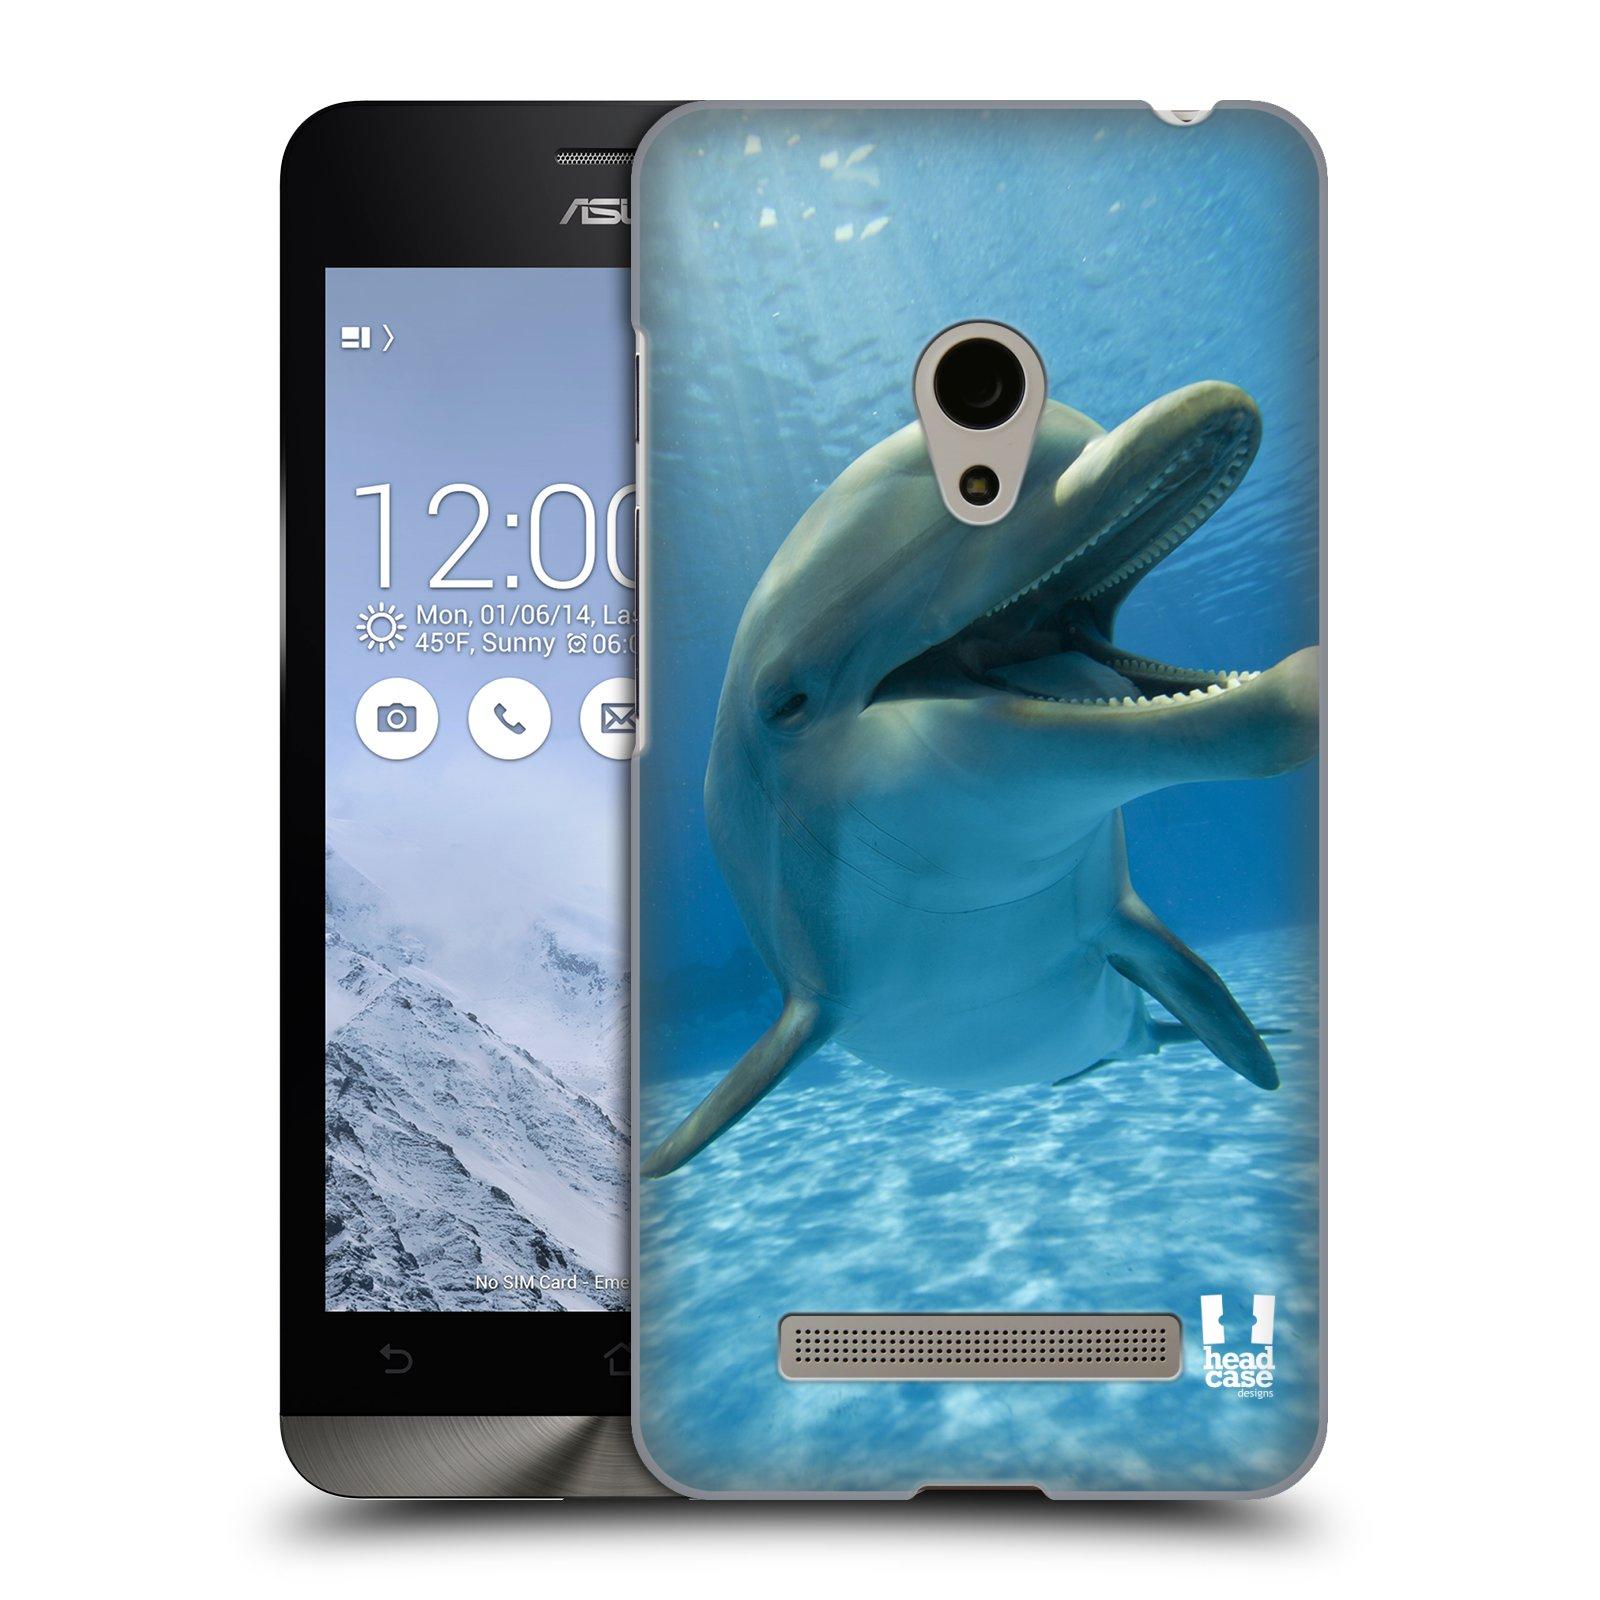 HEAD CASE plastový obal na mobil Asus Zenfone 5 vzor Divočina, Divoký život a zvířata foto MODRÁ DELFÍN